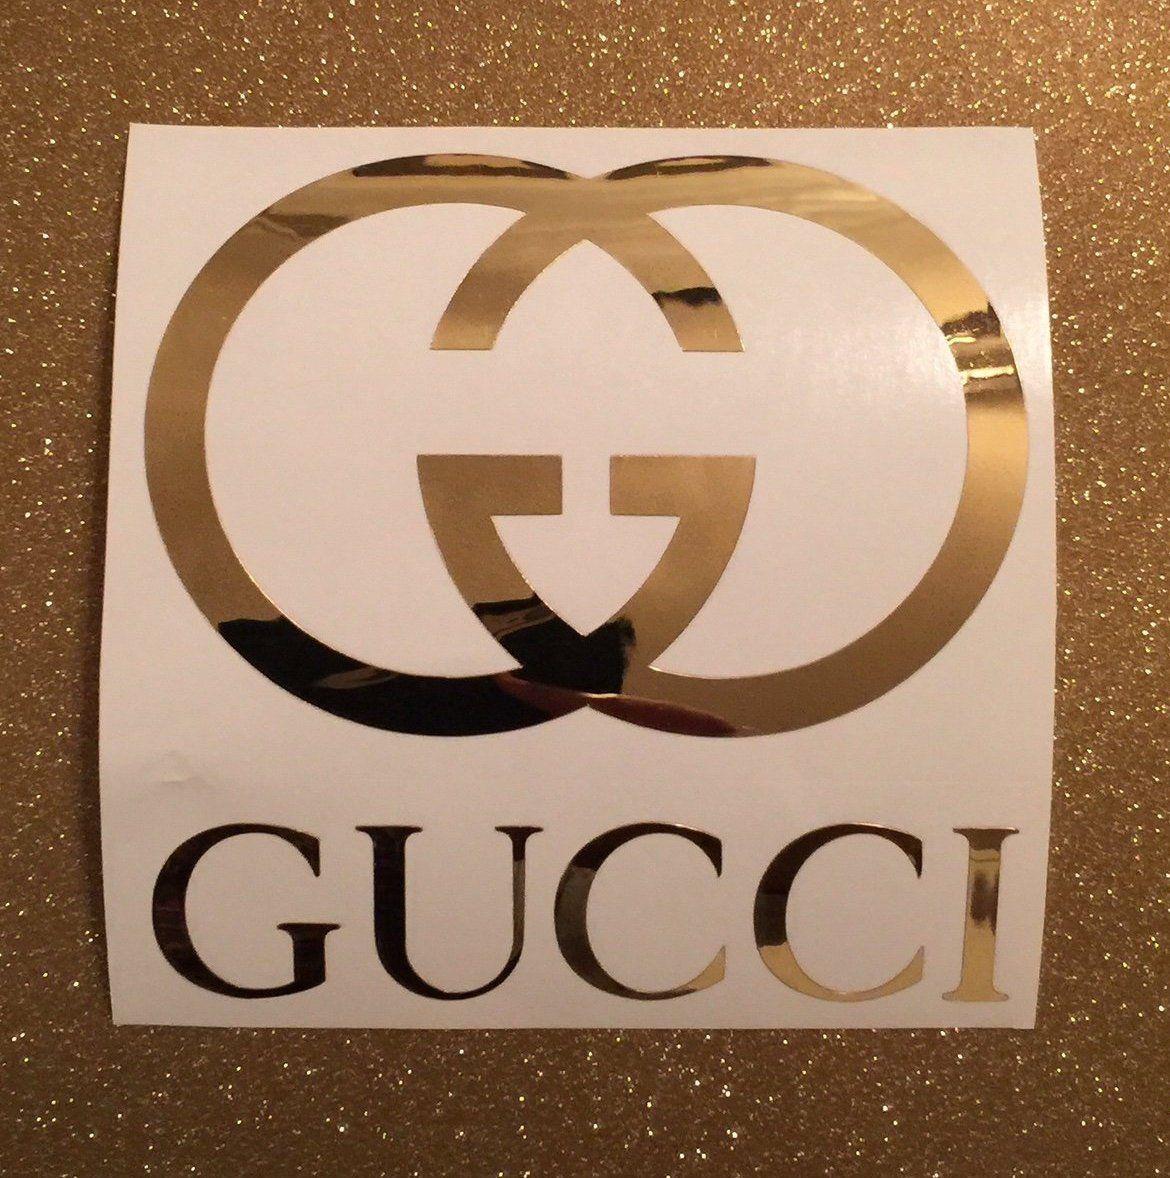 Gucci Wallpaperpattern Decal Louis Vuitton Sticker